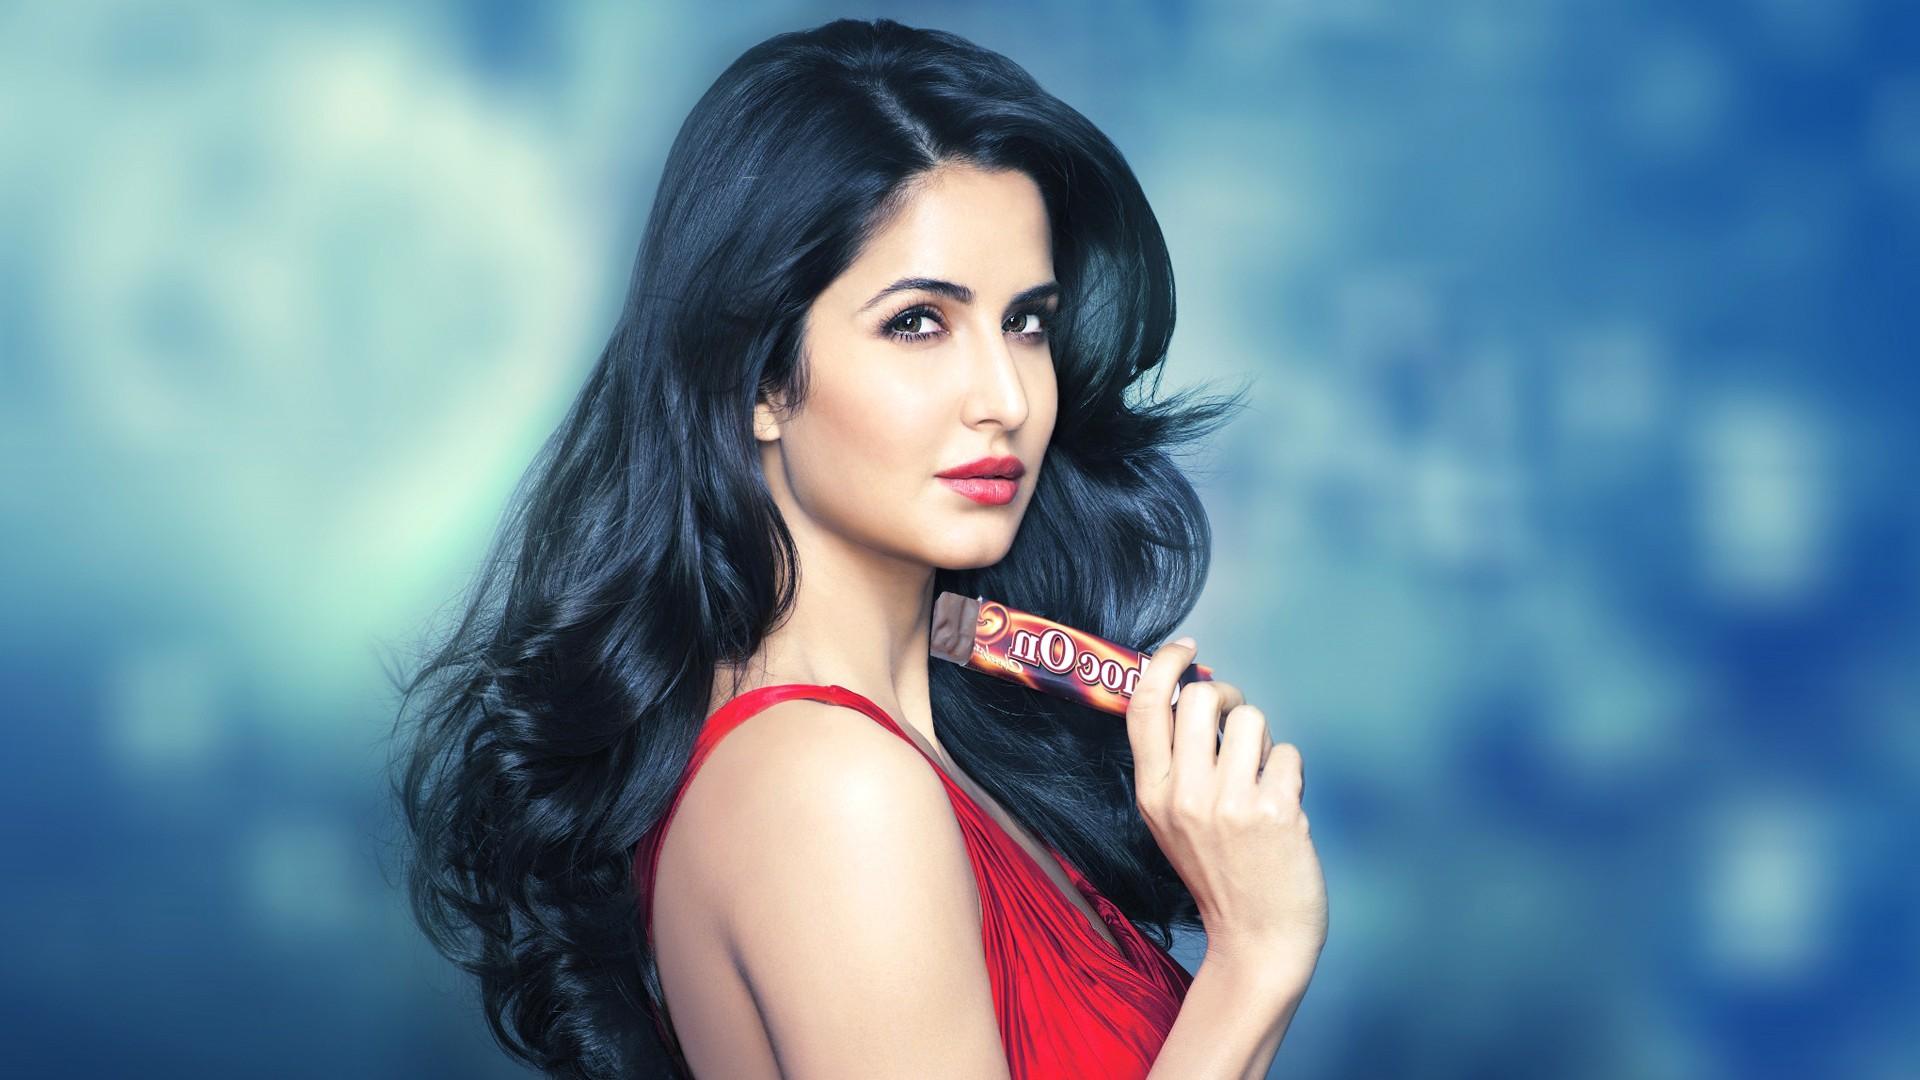 Katrina Kaif 20, HD Indian Celebrities, 4k Wallpapers ...